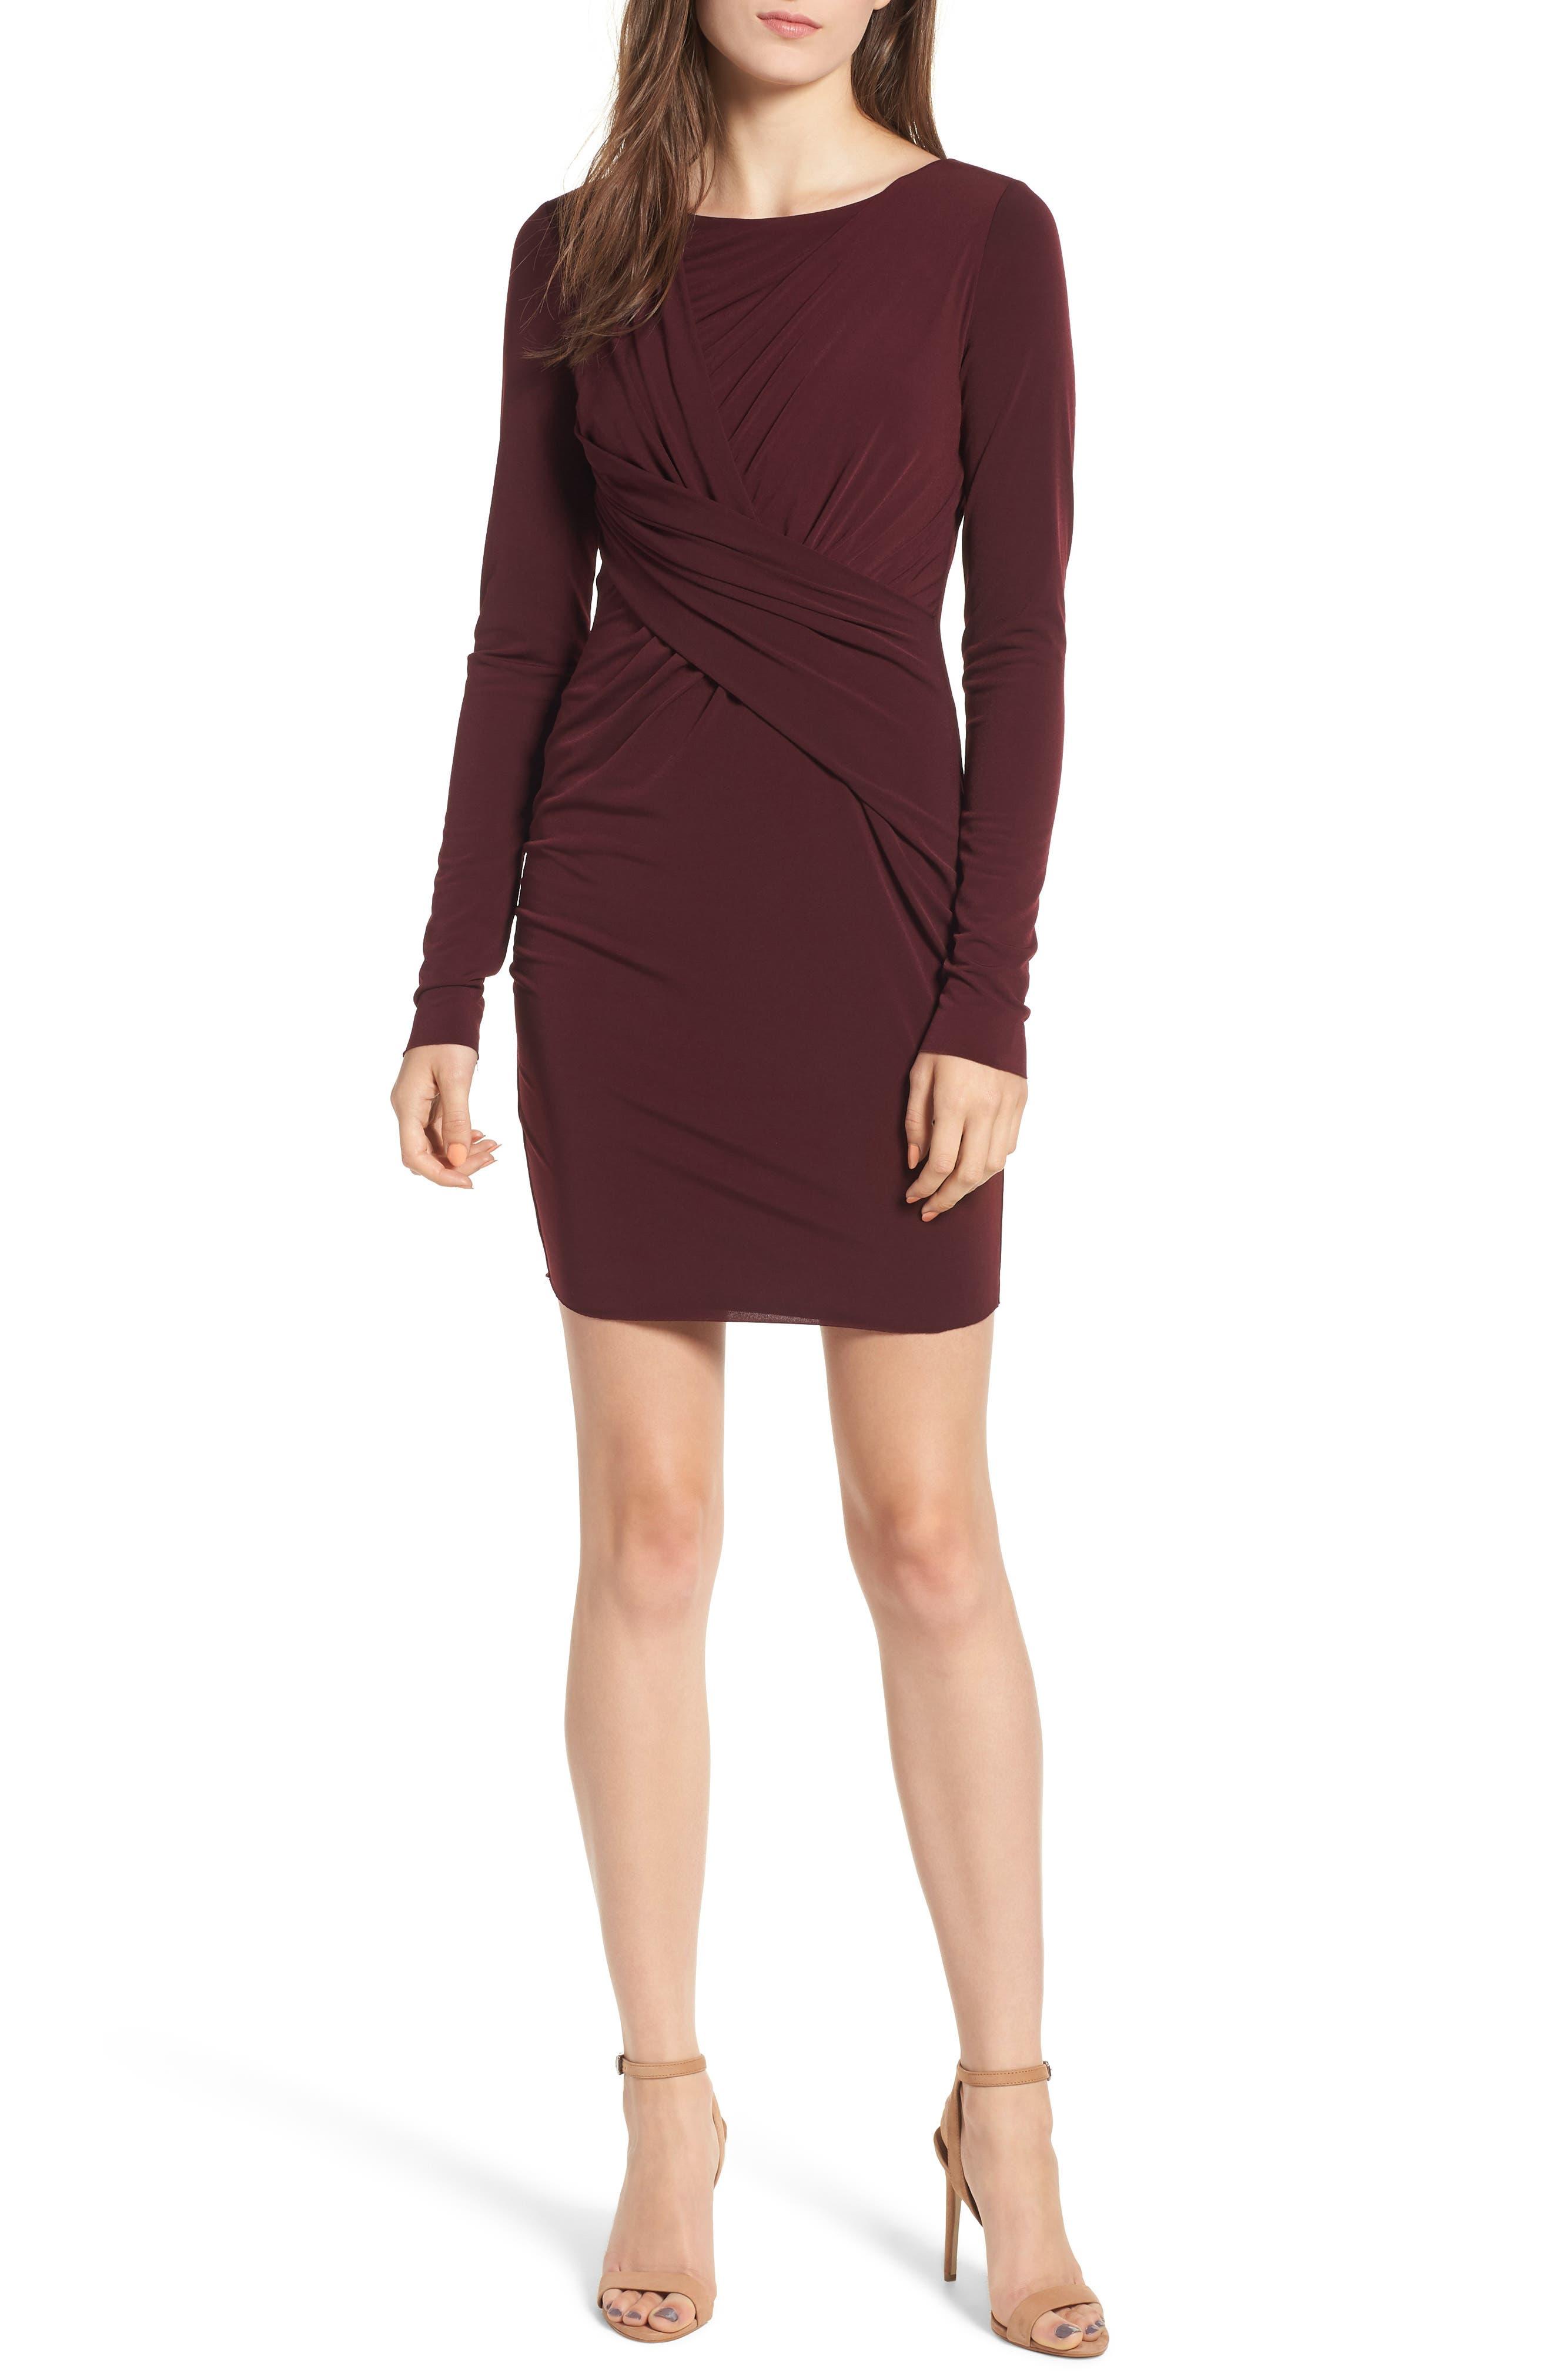 Bailey 44 Clandestine Drape Body-Con Dress, Burgundy